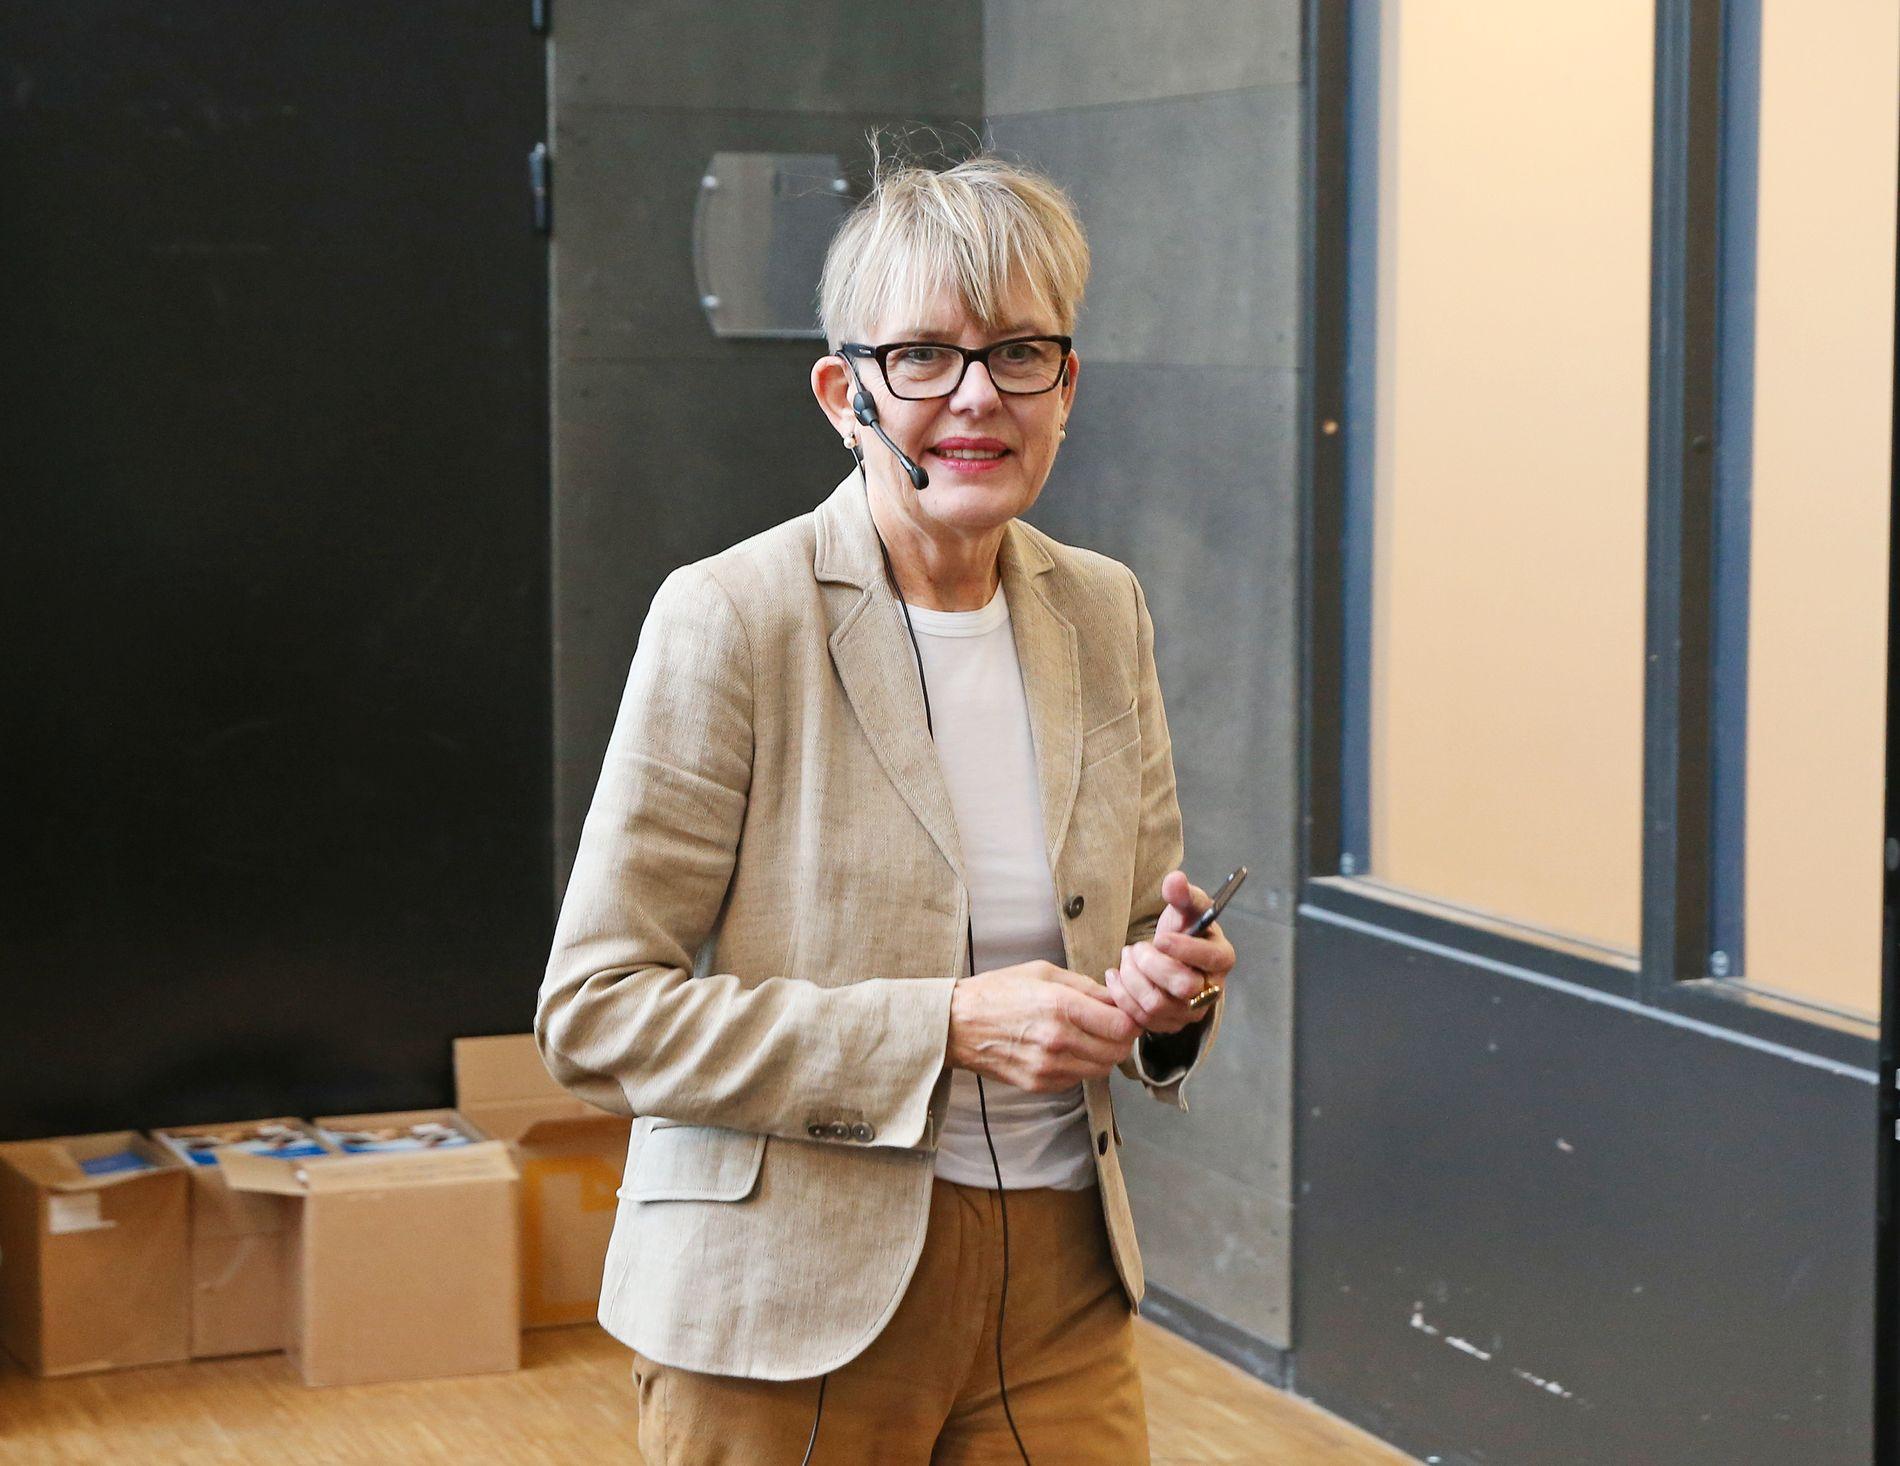 GÅR AV: Den omstridte skolesjefen Astrid Søgnen går av 1. desember, etter samarbeidsproblemer med politisk ledelse.